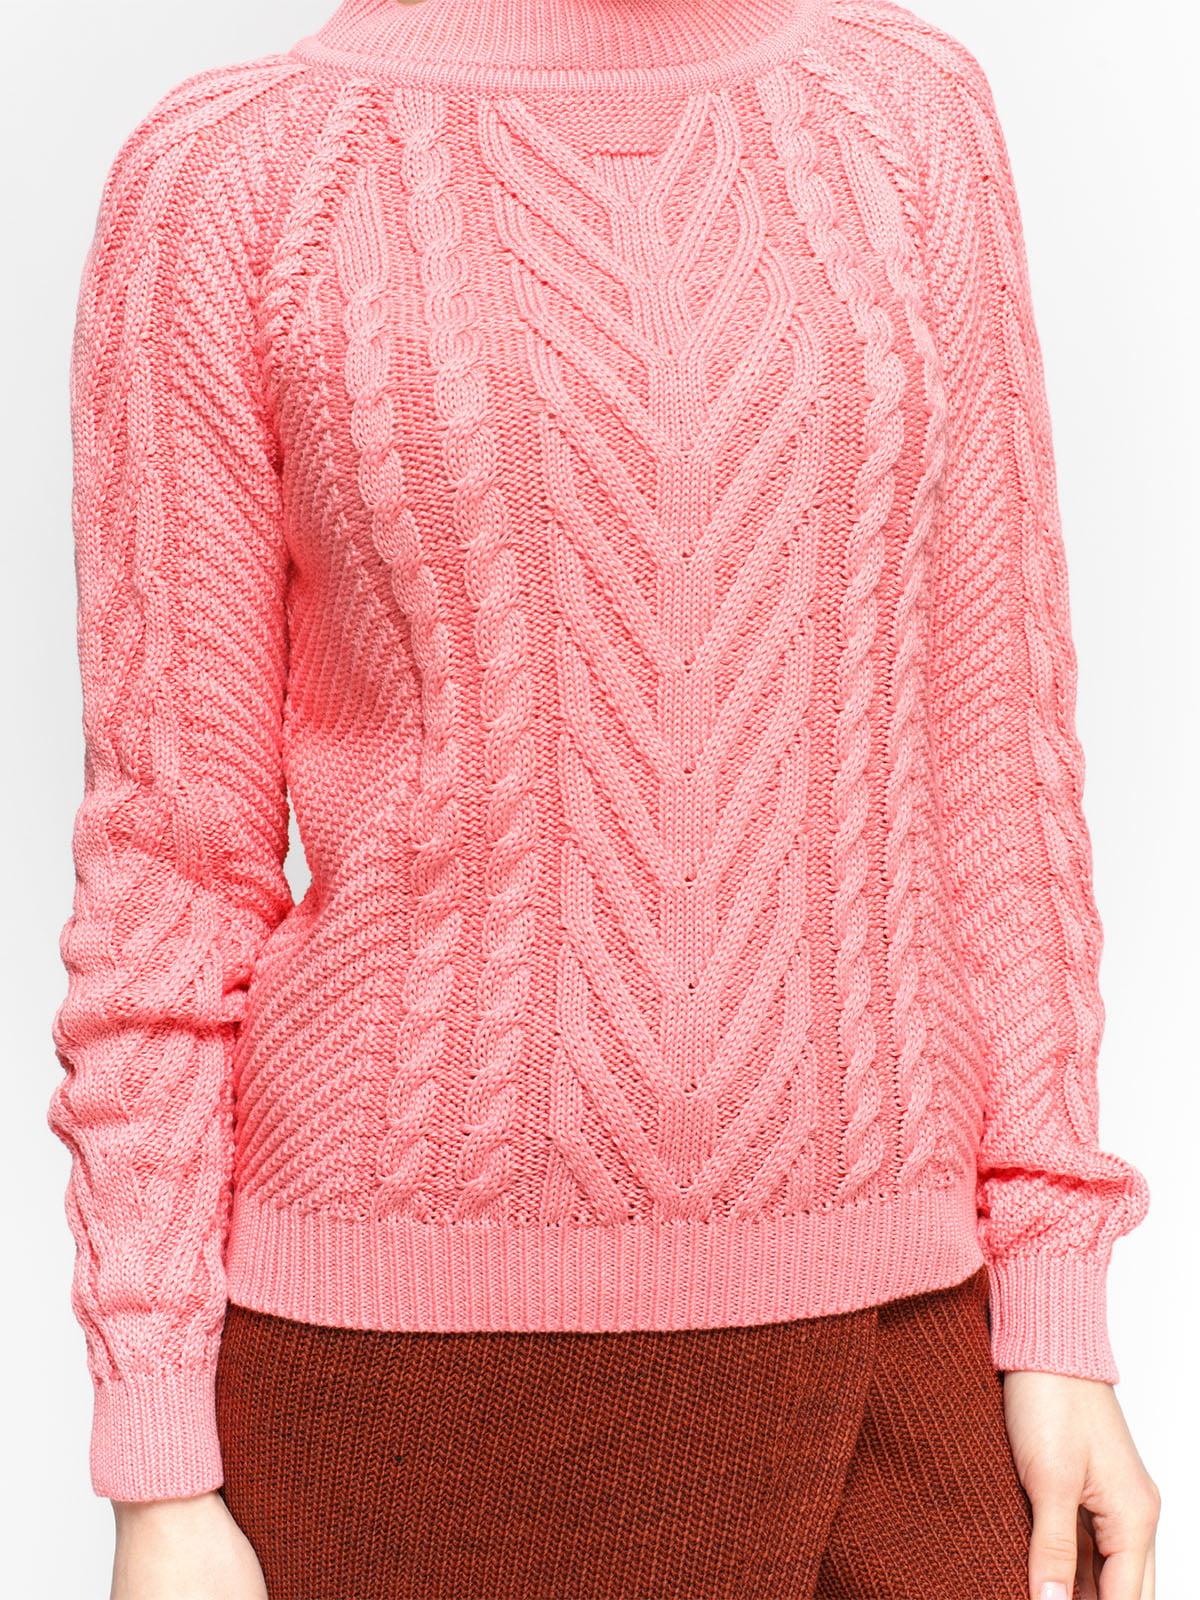 Джемпер рожевий | 4885860 | фото 3